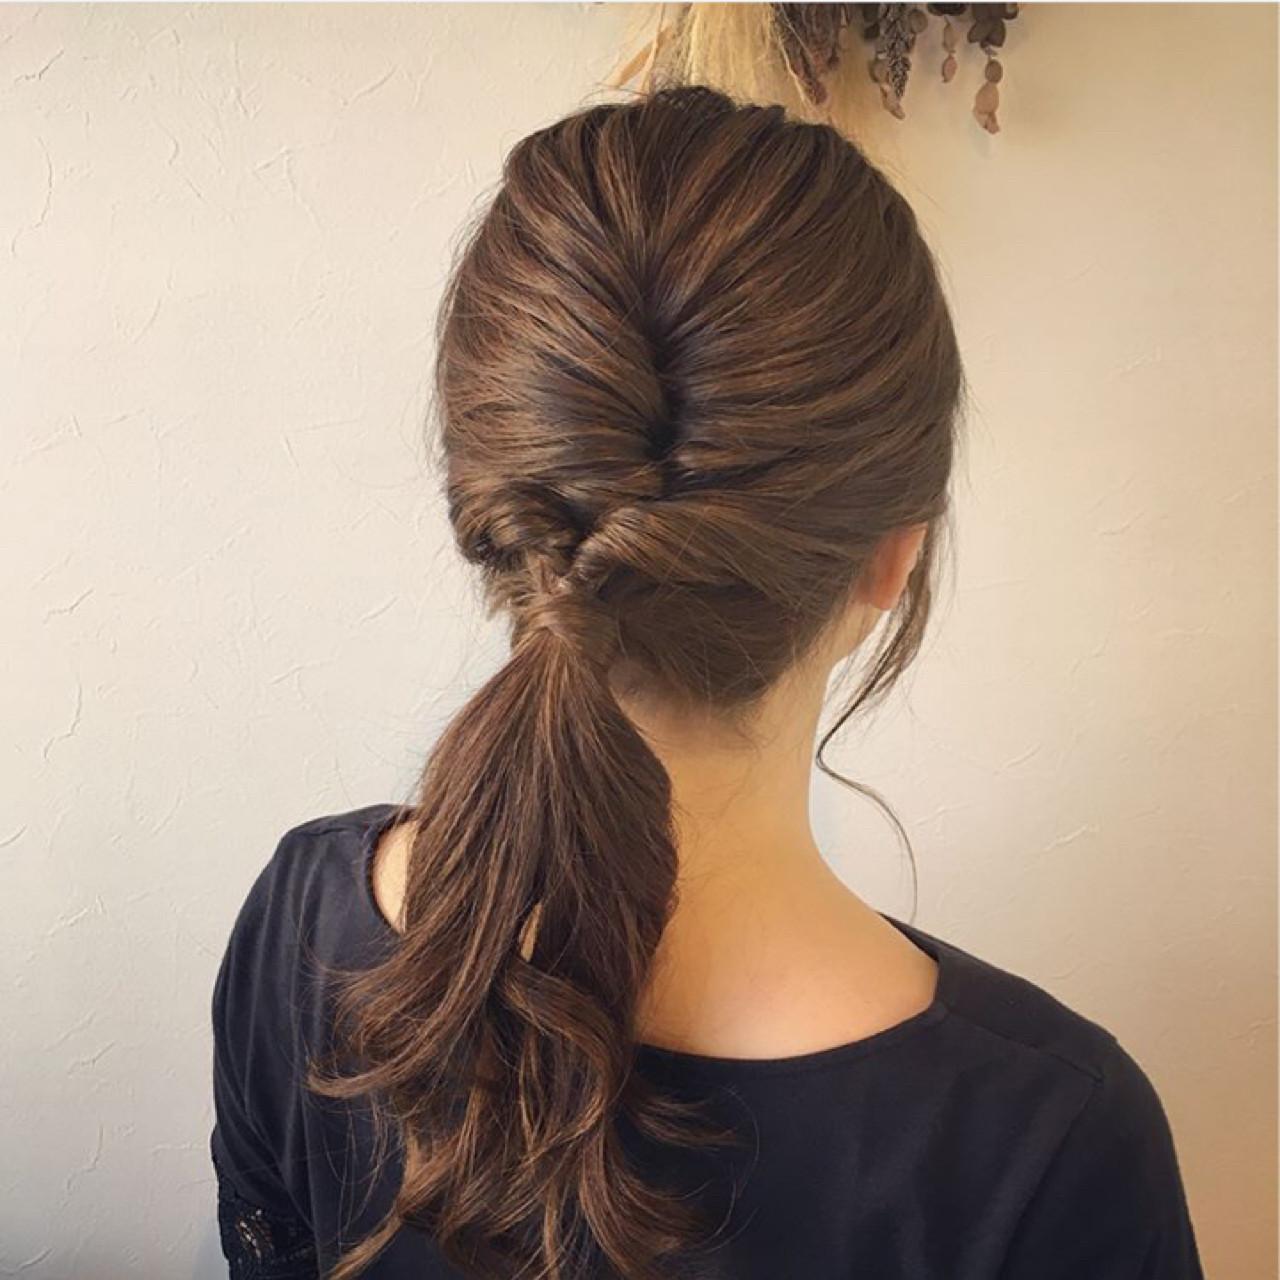 リラックス ロング 女子会 簡単ヘアアレンジ ヘアスタイルや髪型の写真・画像 | 平野ちなみ / Petit chou chou